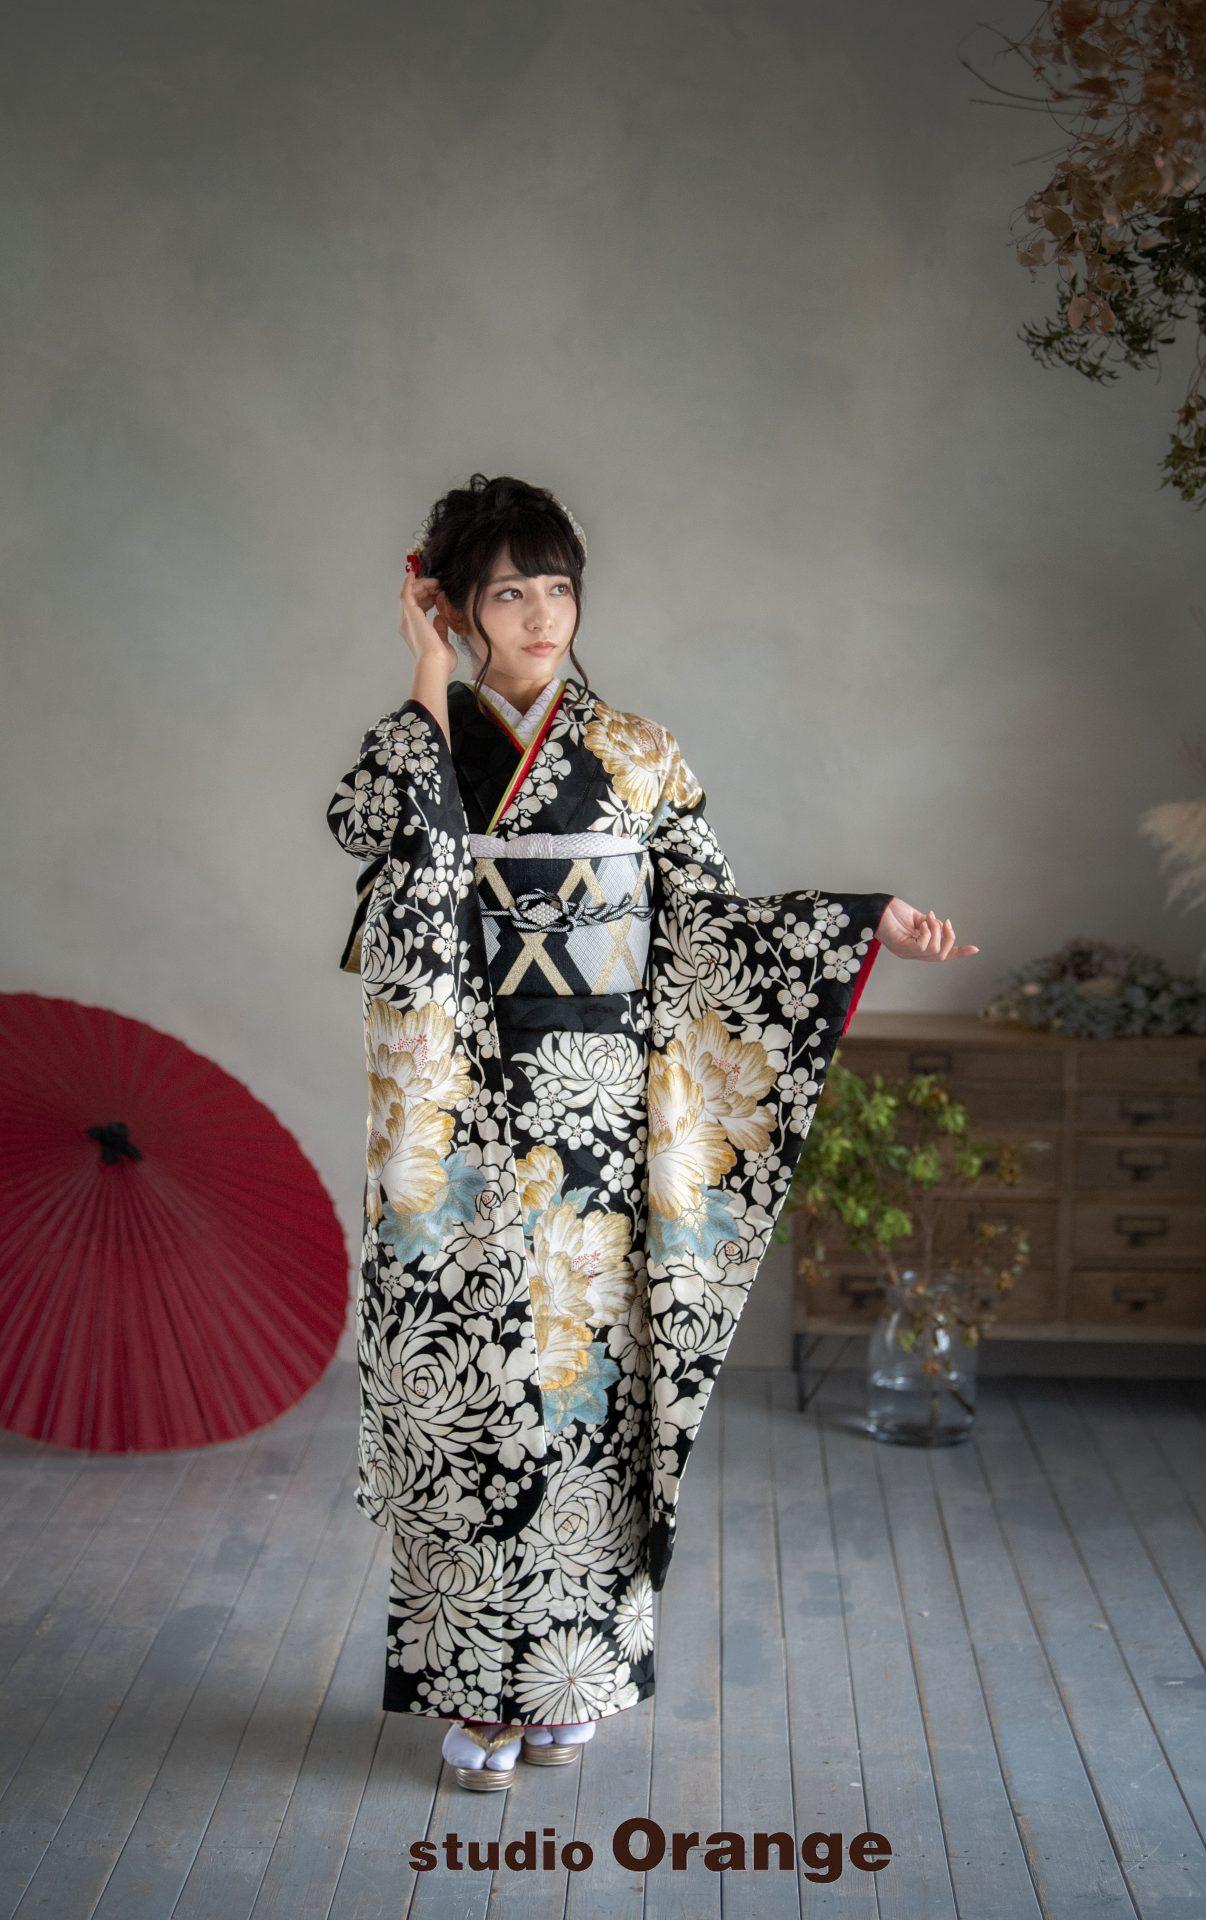 奈良市 レンタル振袖 成人式 成人式前撮り 成人式後撮り 黒色の振袖